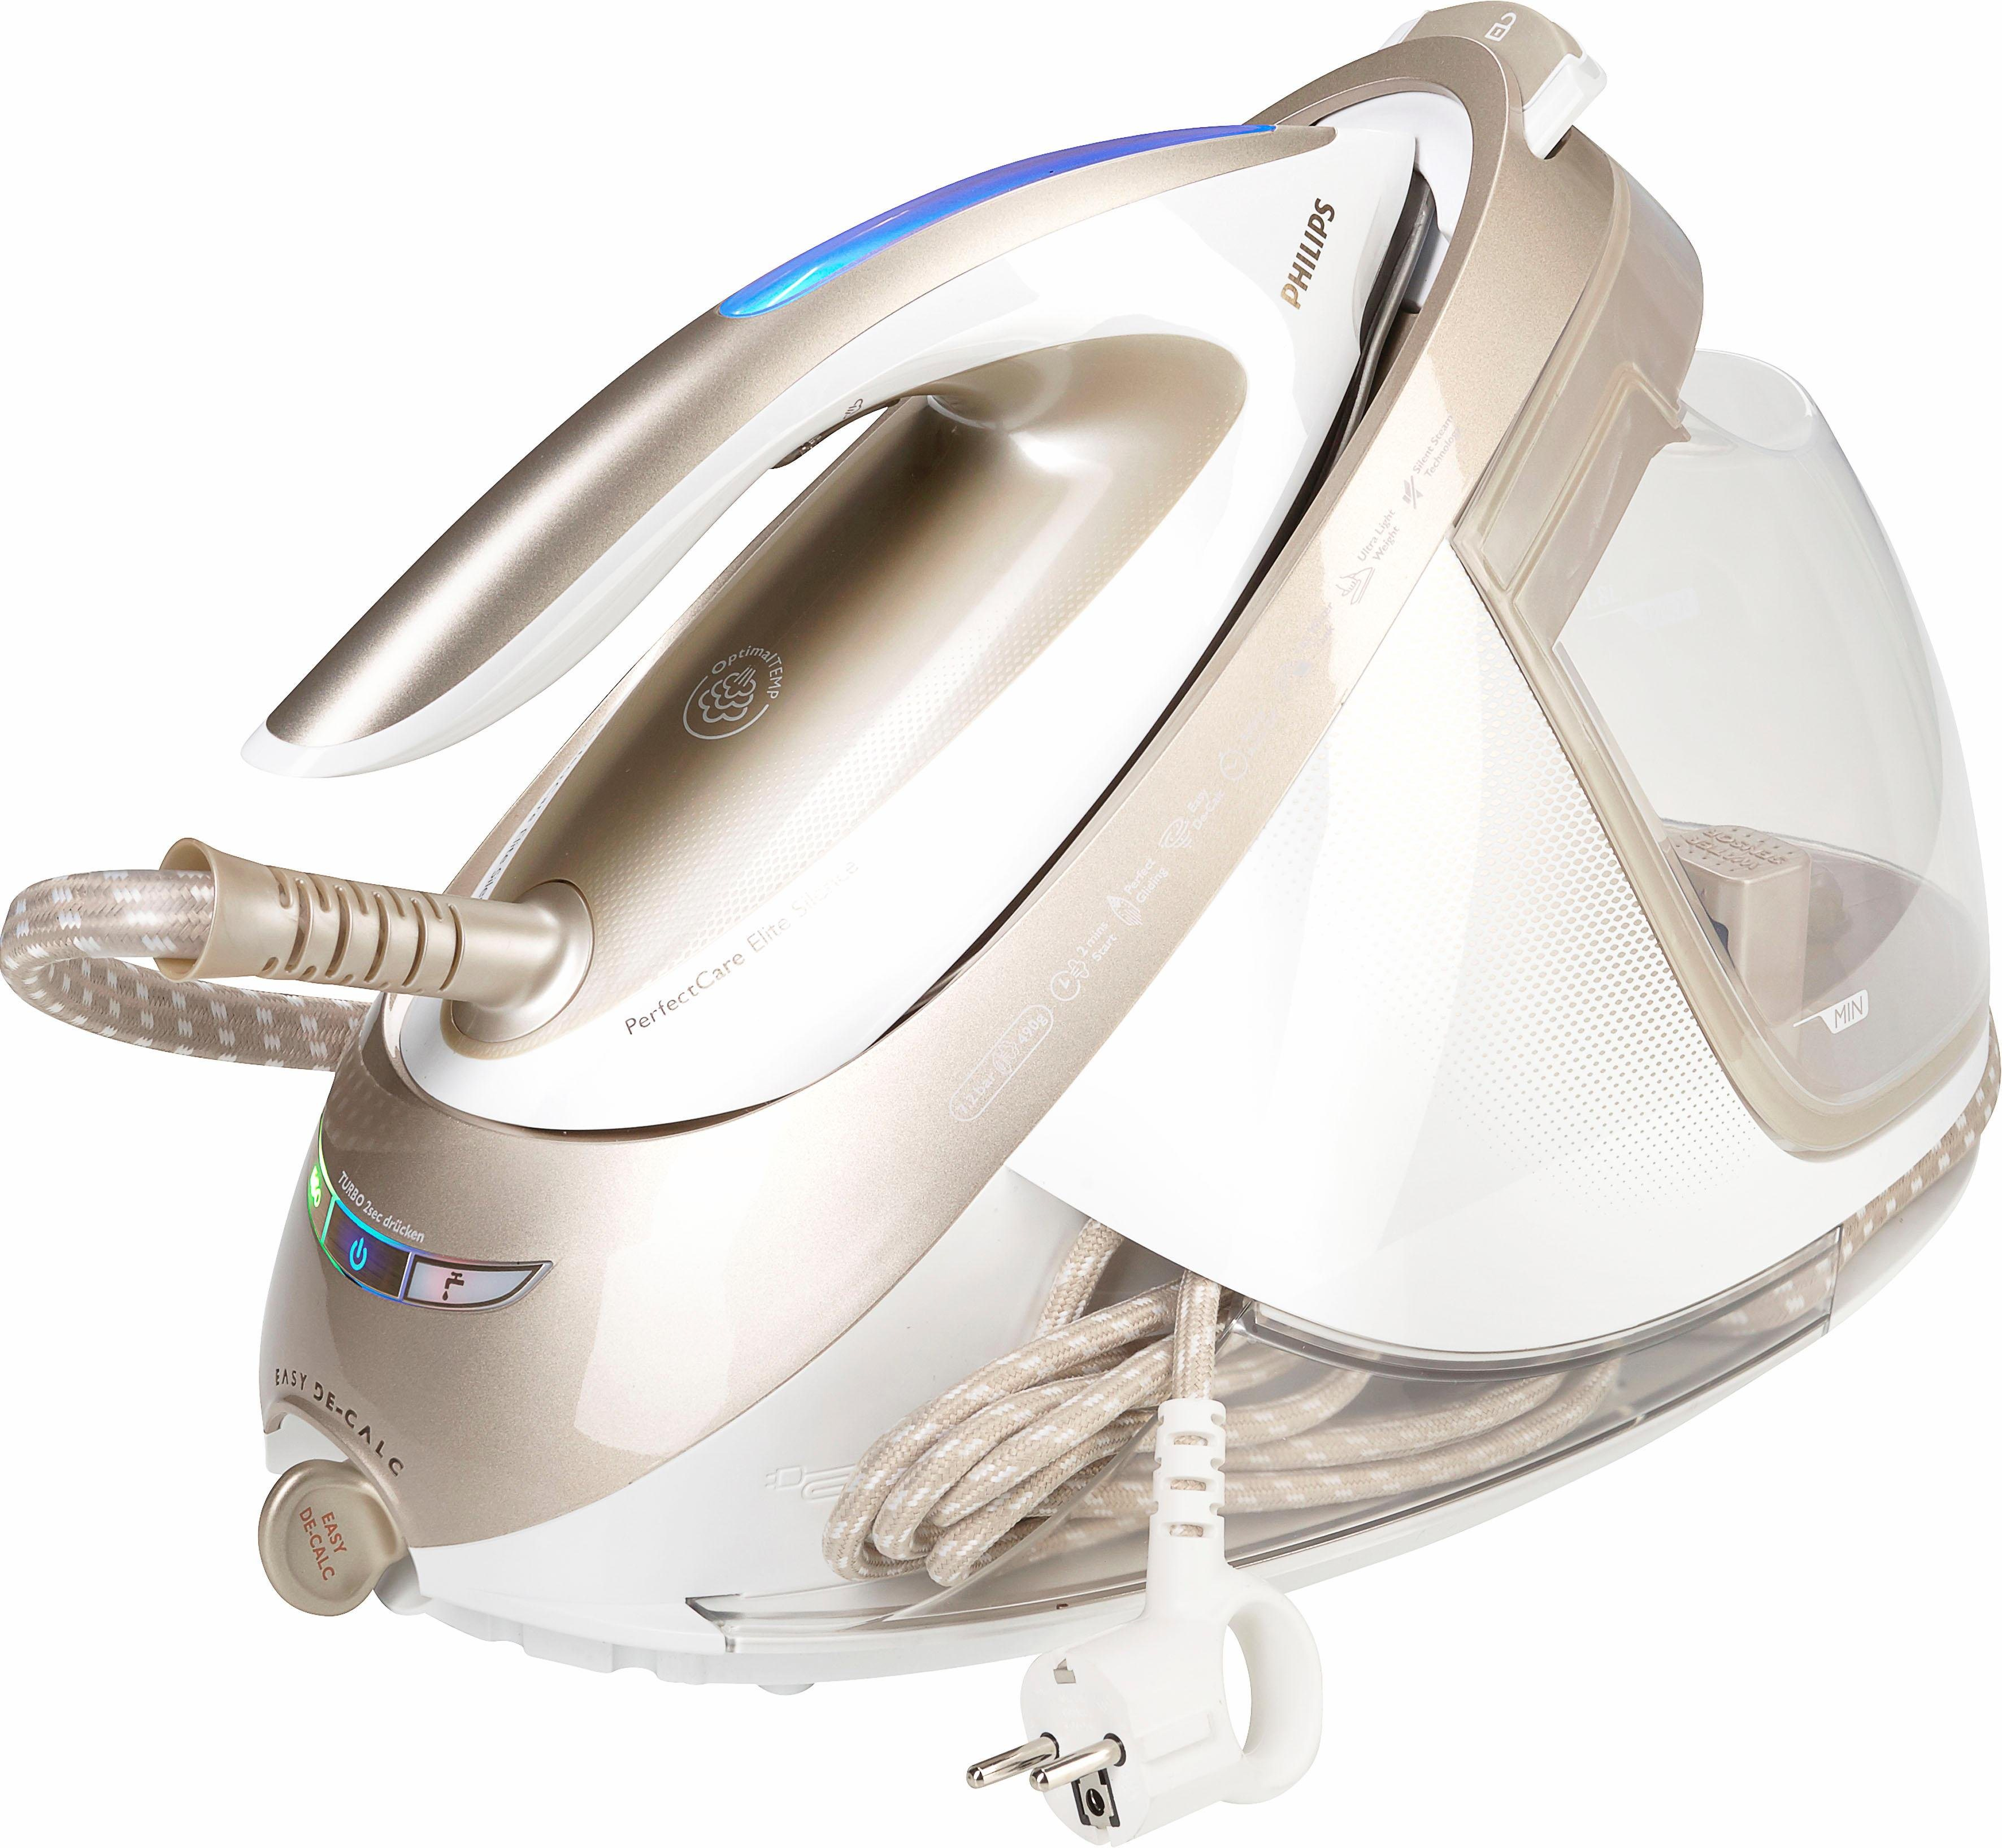 Dampfbügelstation GC9642/60 PerfectCare Elite, 1800 ml Wassertank, besonders gleitfähige T-IonicGlide-Bügelsohle